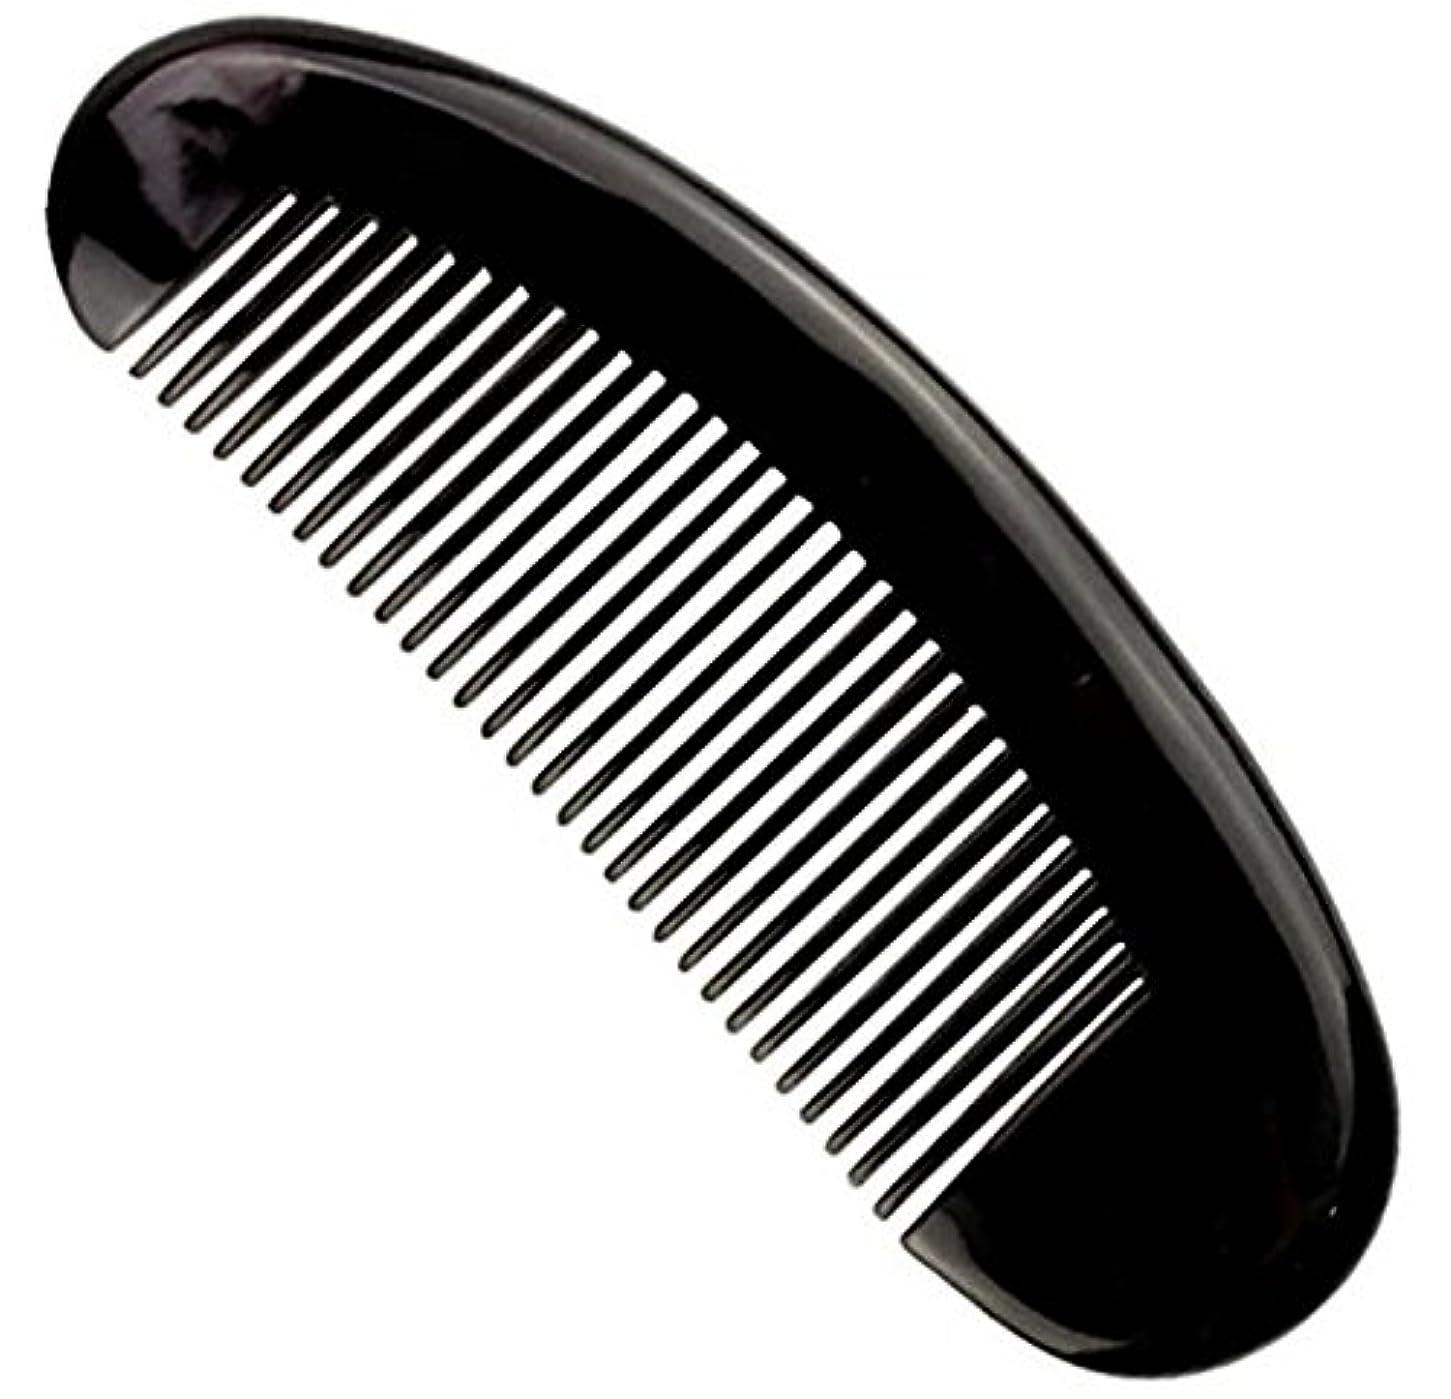 削除するトレイル生き返らせる櫛型 プロも使う牛角かっさプレー マサージ用 血行改善 高級 天然 静電気防止 美髪 美顔 ボディ リンパマッサージ